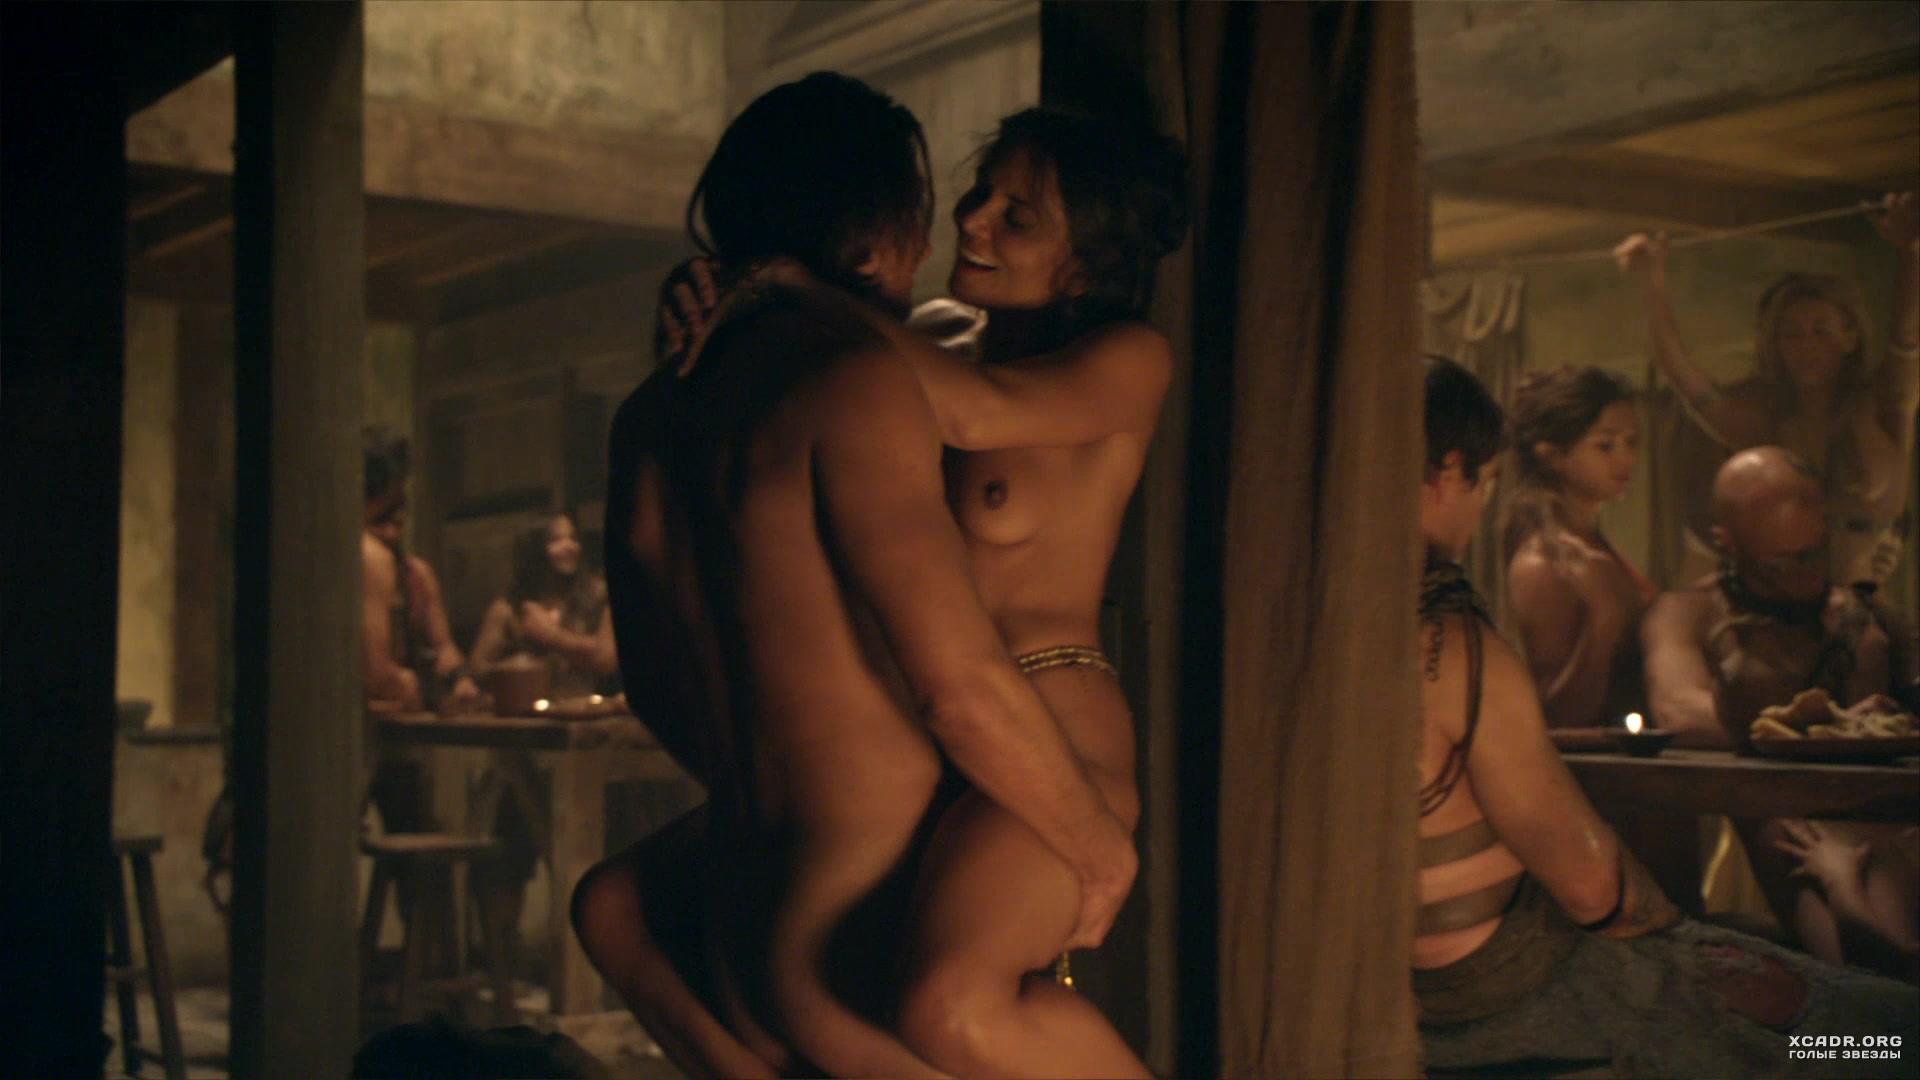 эротическое видео из сериала спартак